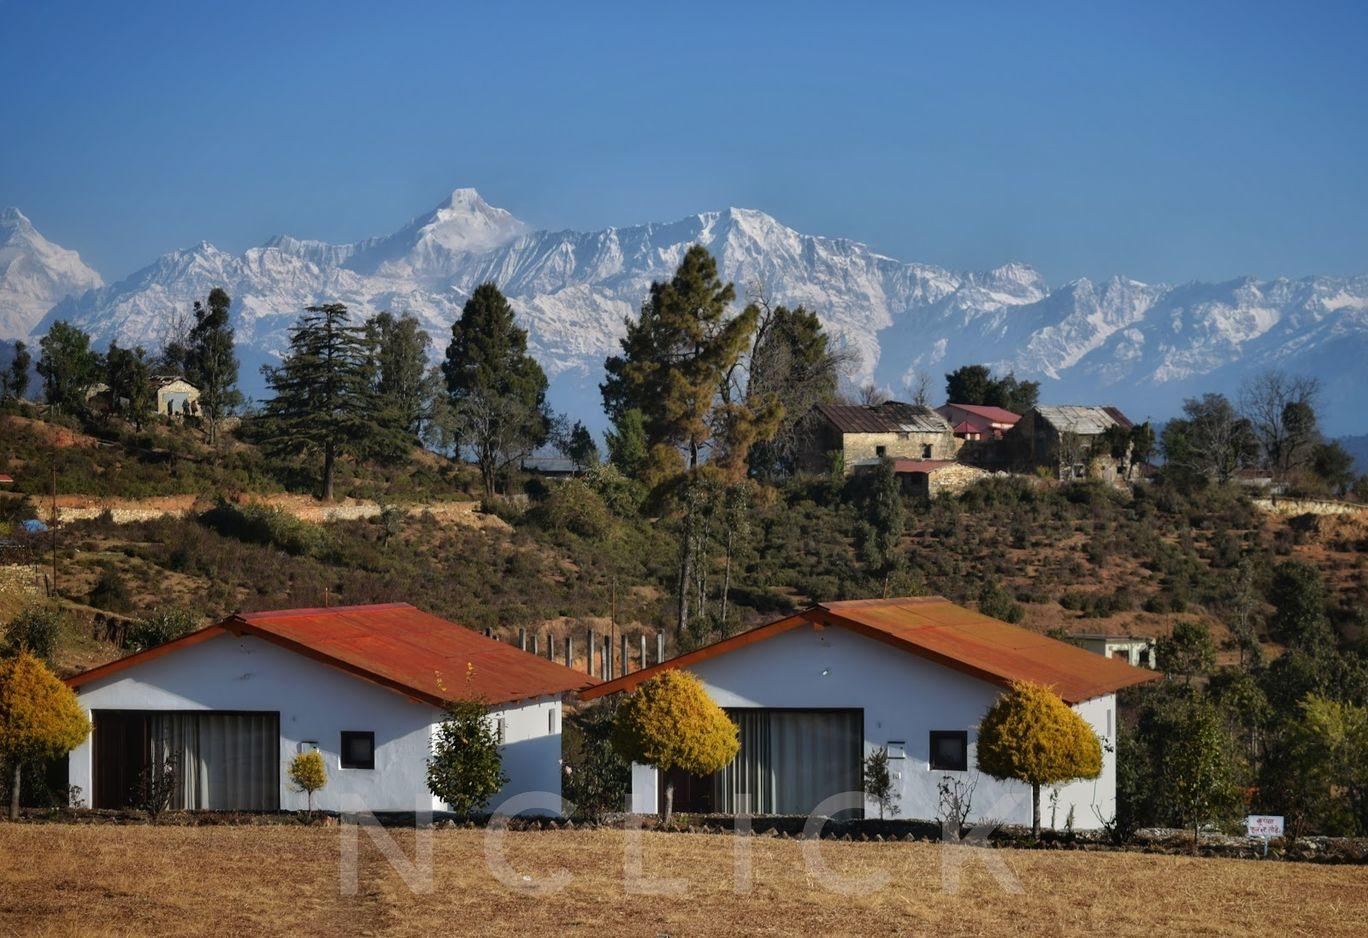 Photo of KMVN Tourist Rest House Chaukori By nitesh bhatt